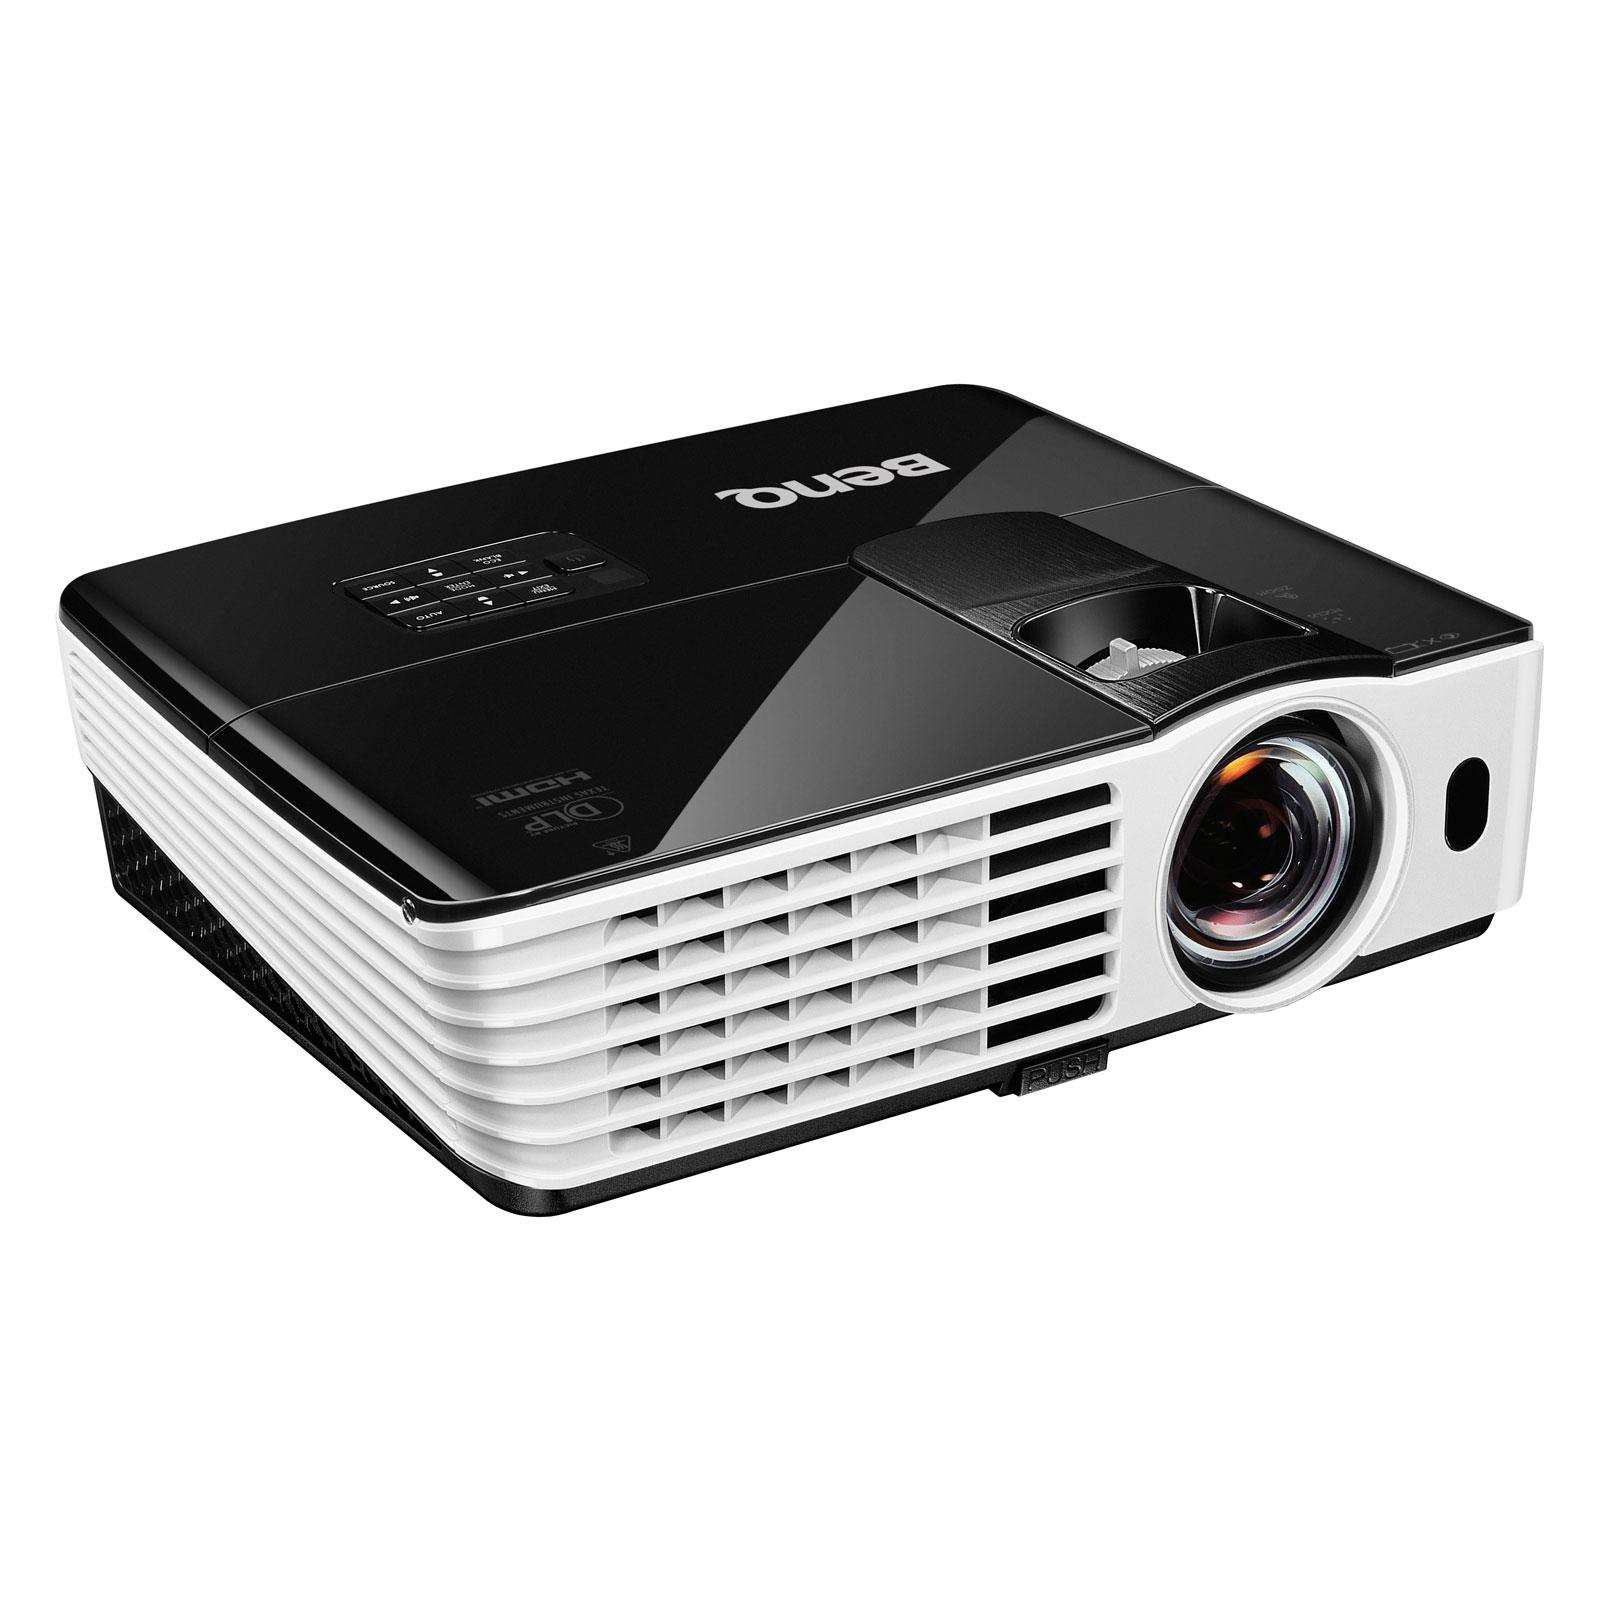 Vidéoprojecteur BenQ TH682ST - DLP, Full HD, 3D Ready, 3000 Lumens, Courte Focale